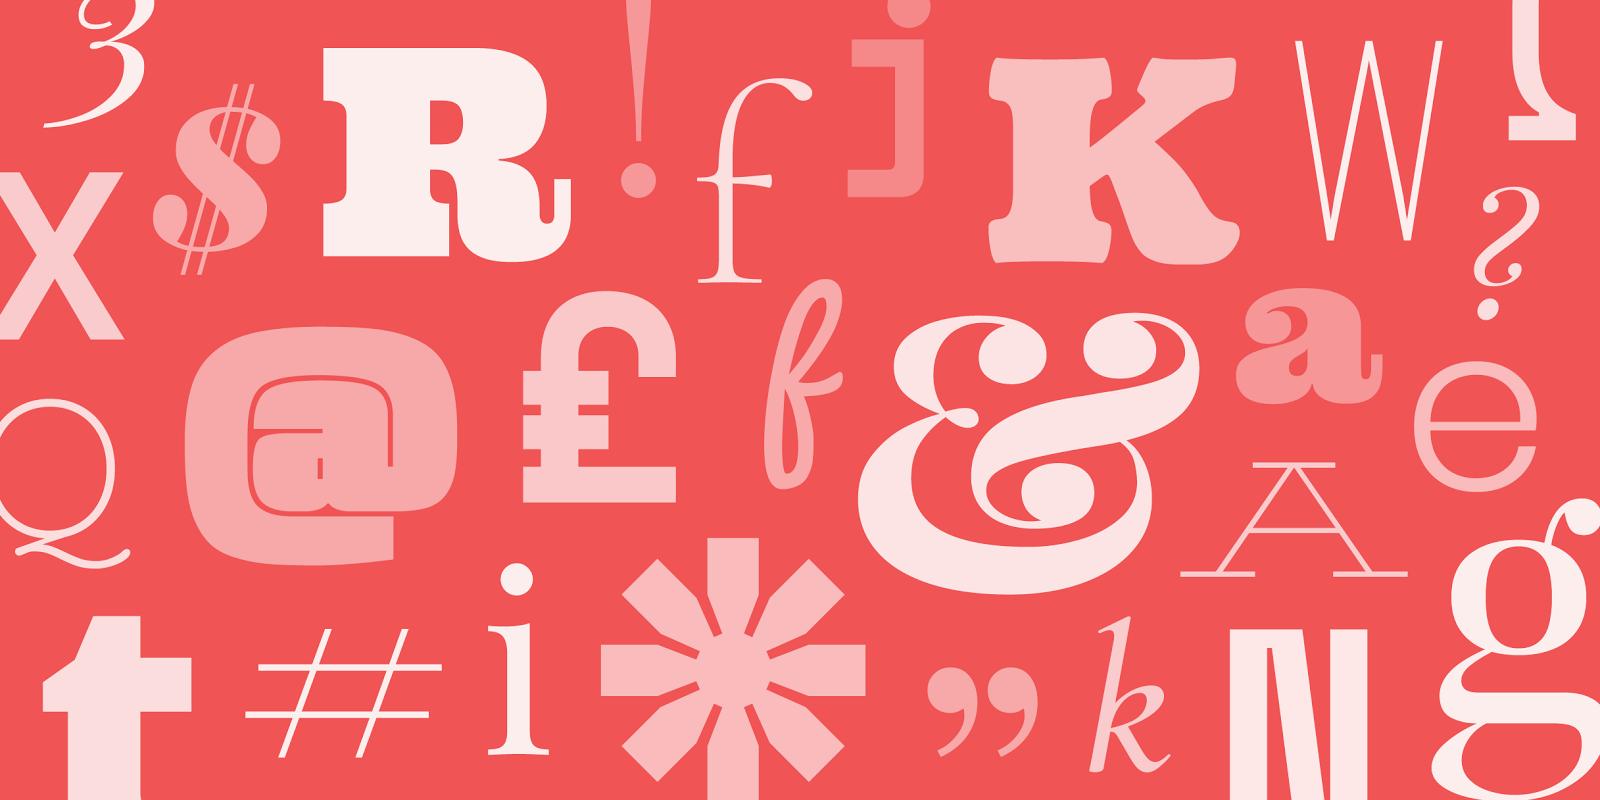 Google Fonts Blog: We've Moved!